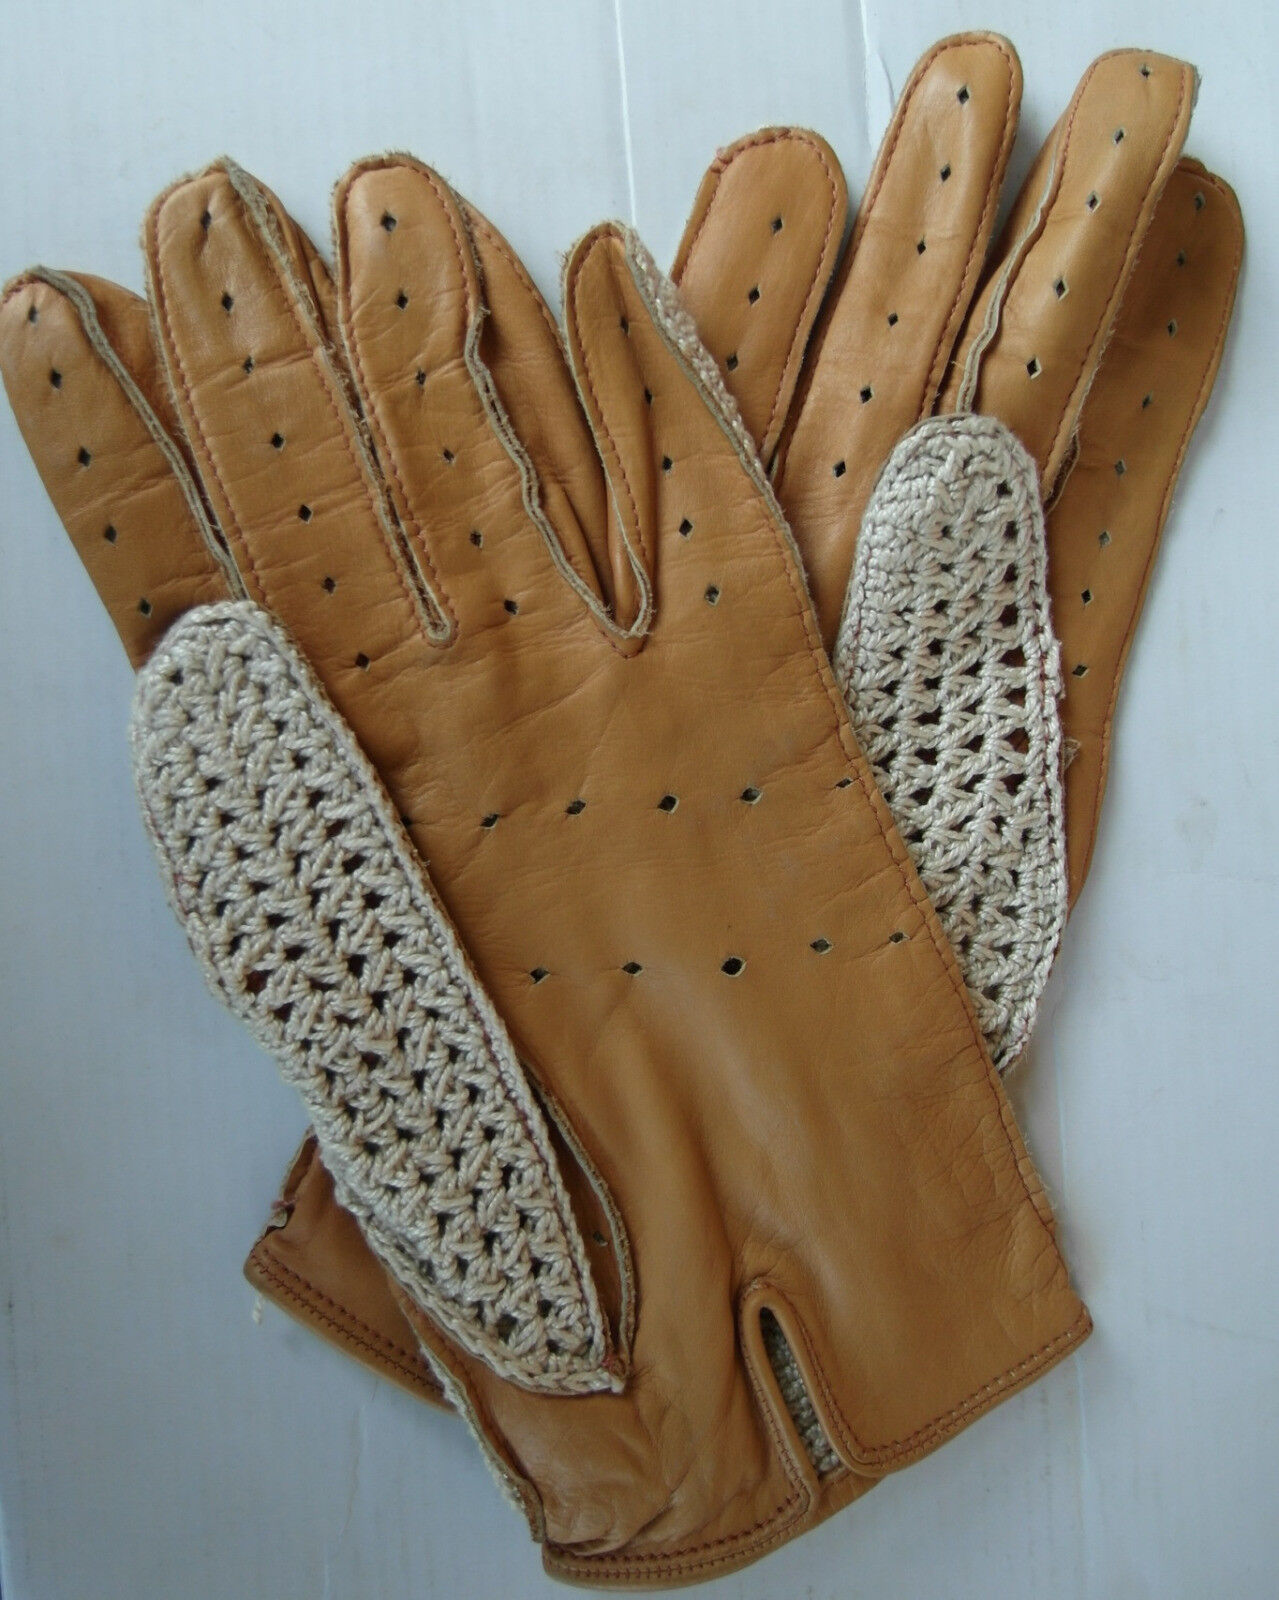 Guanti guida CROCHET driving gloves 8½ - 9 (L-XL) (L-XL) (L-XL) 0b4d71